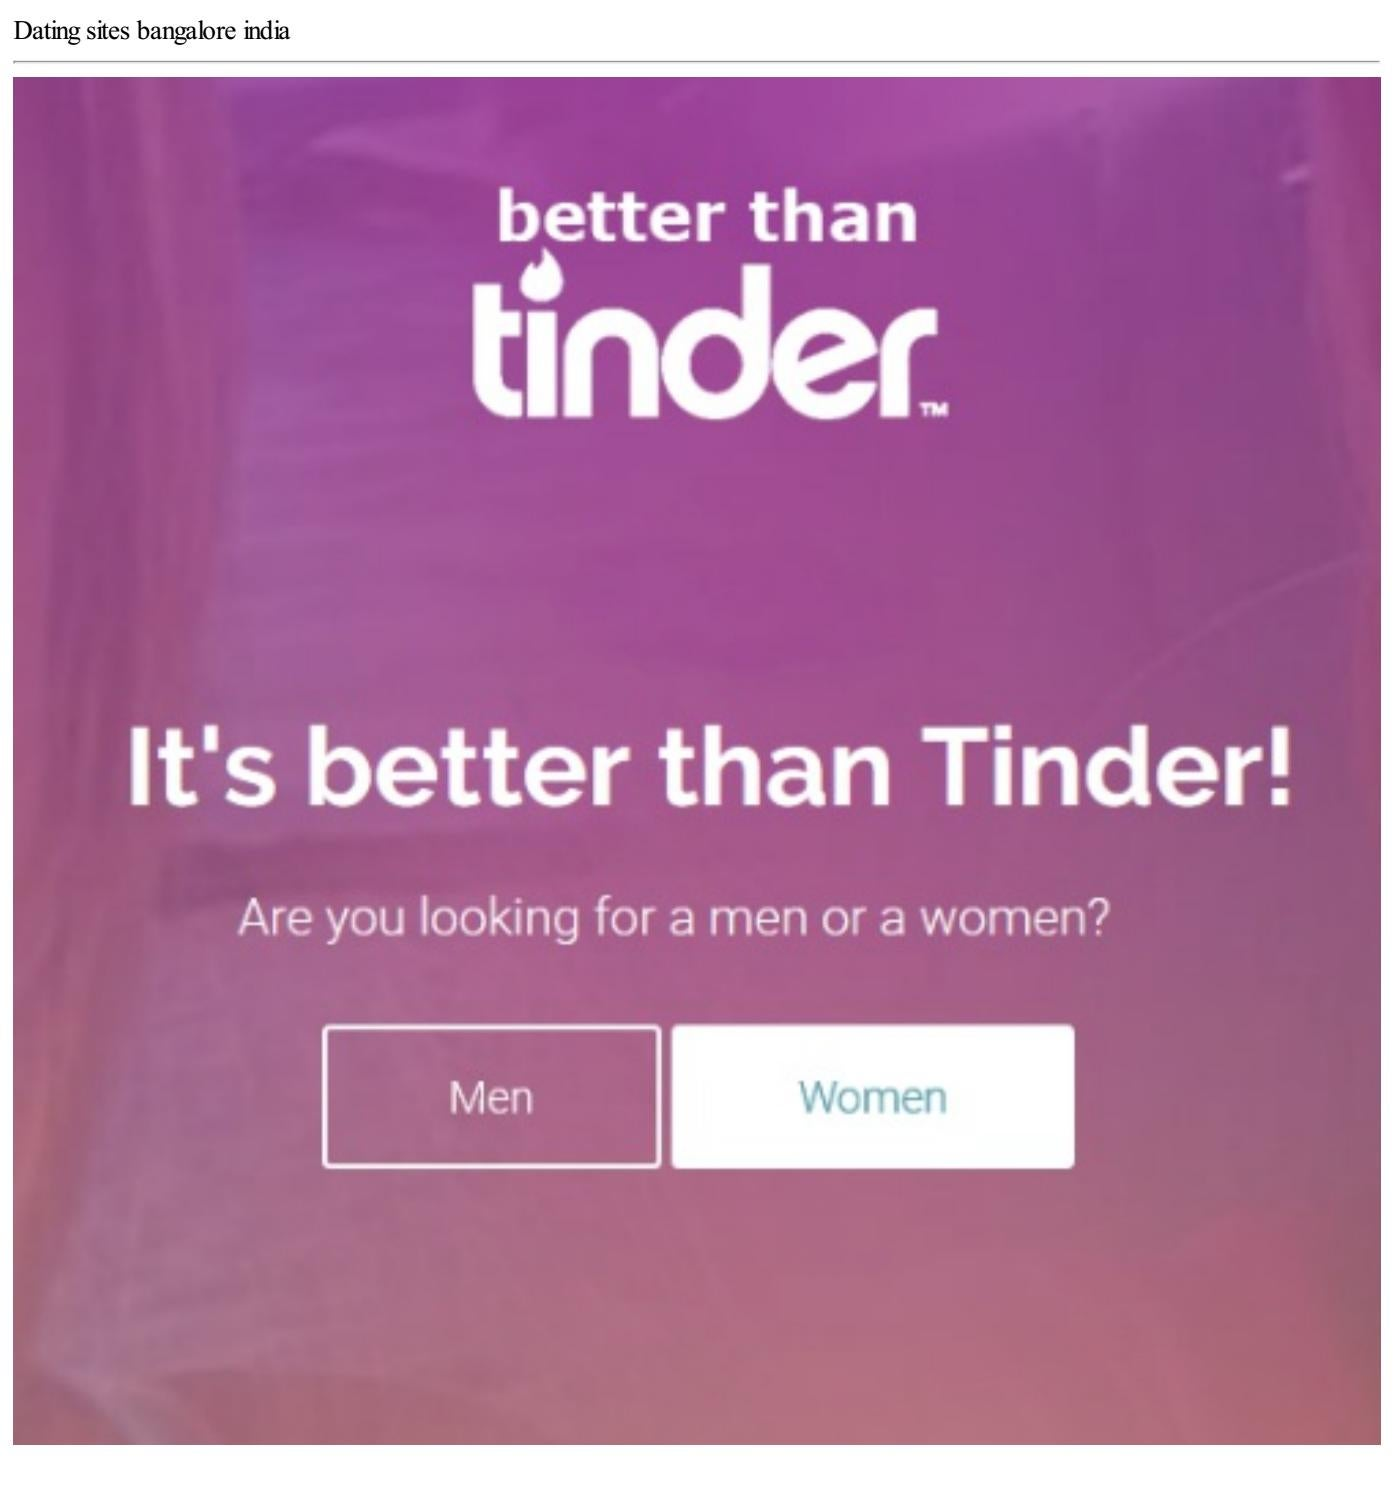 betalte dating sites nz